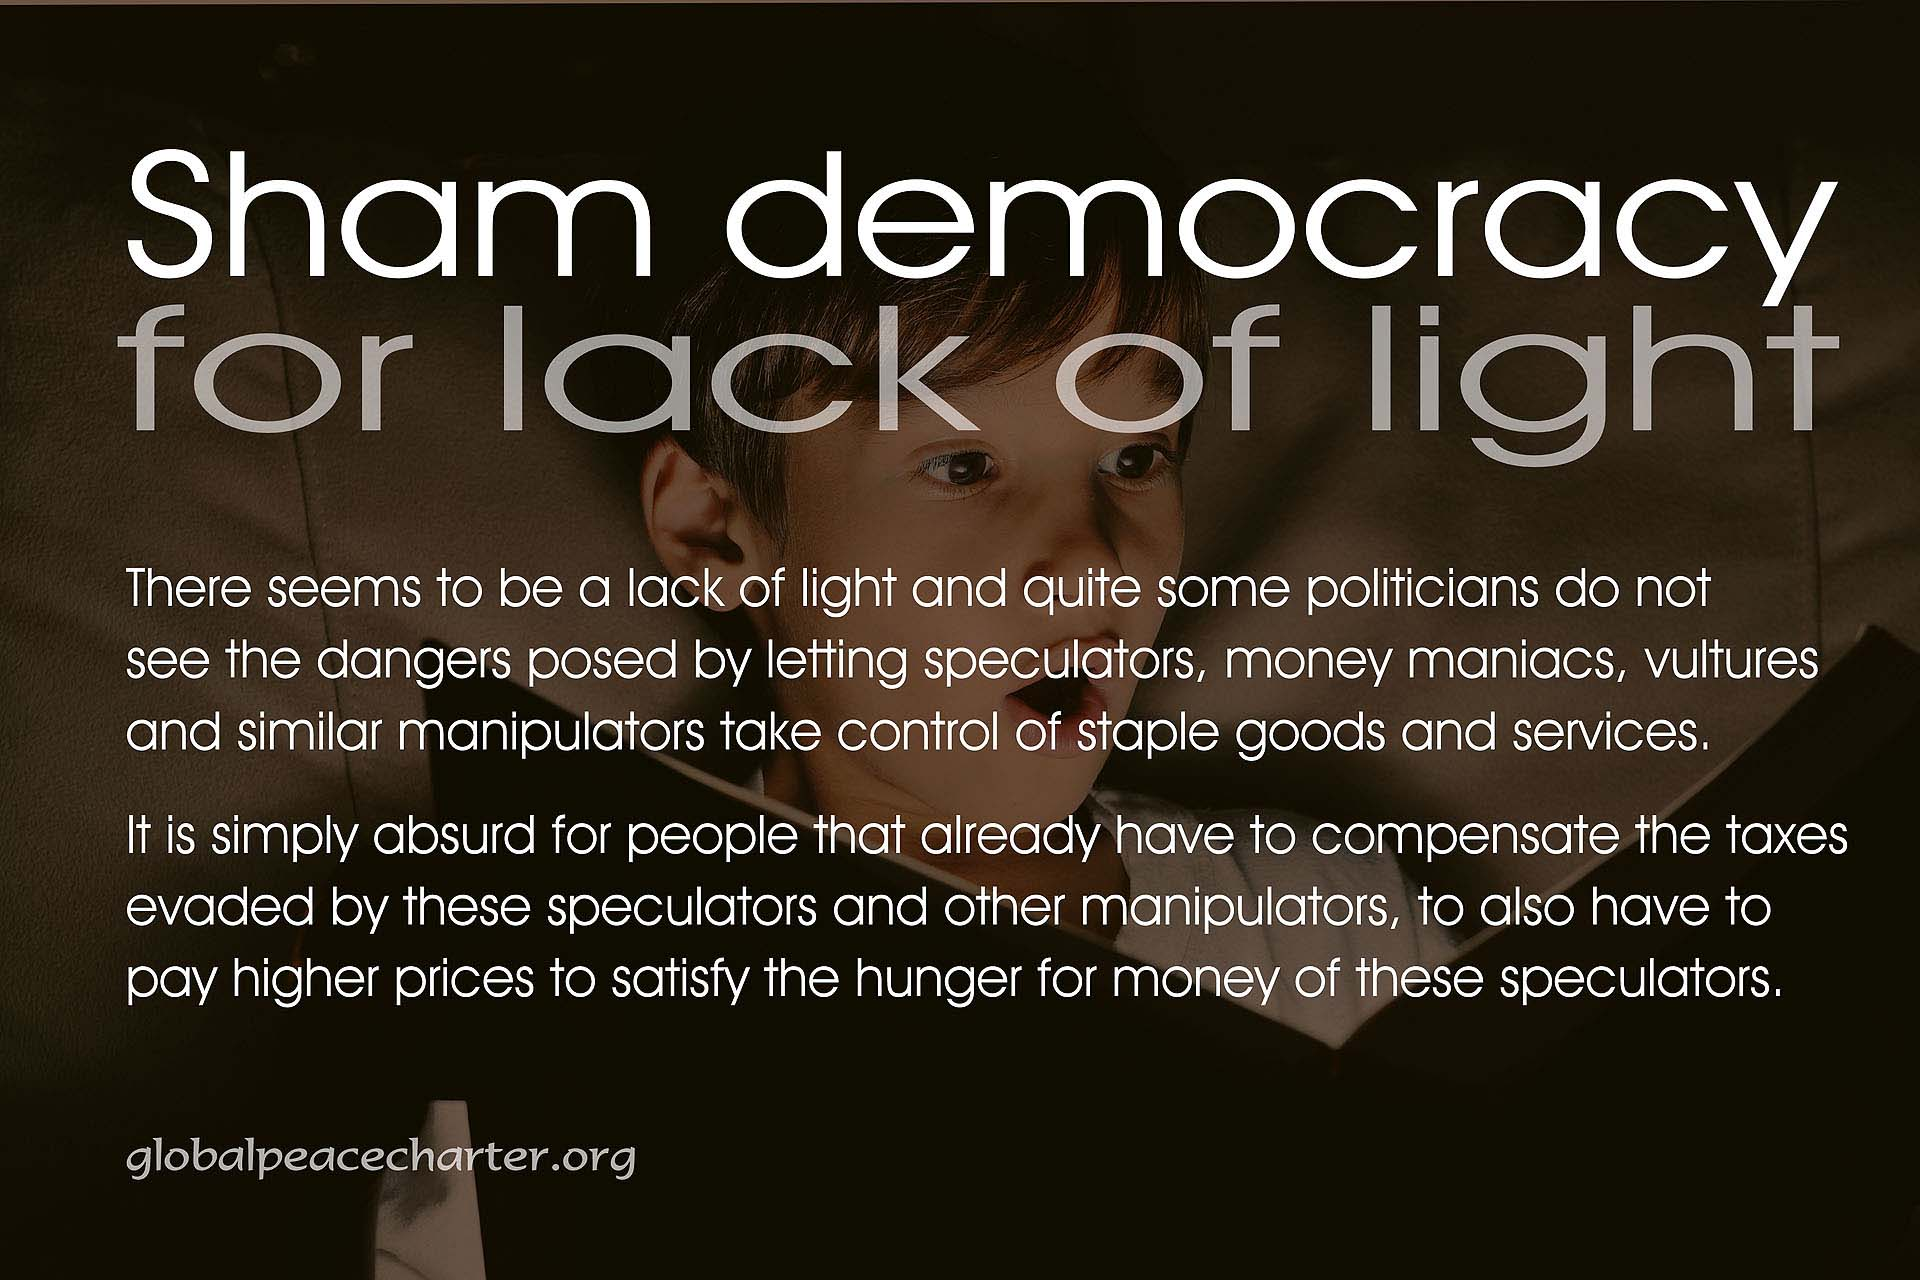 Sham democracy